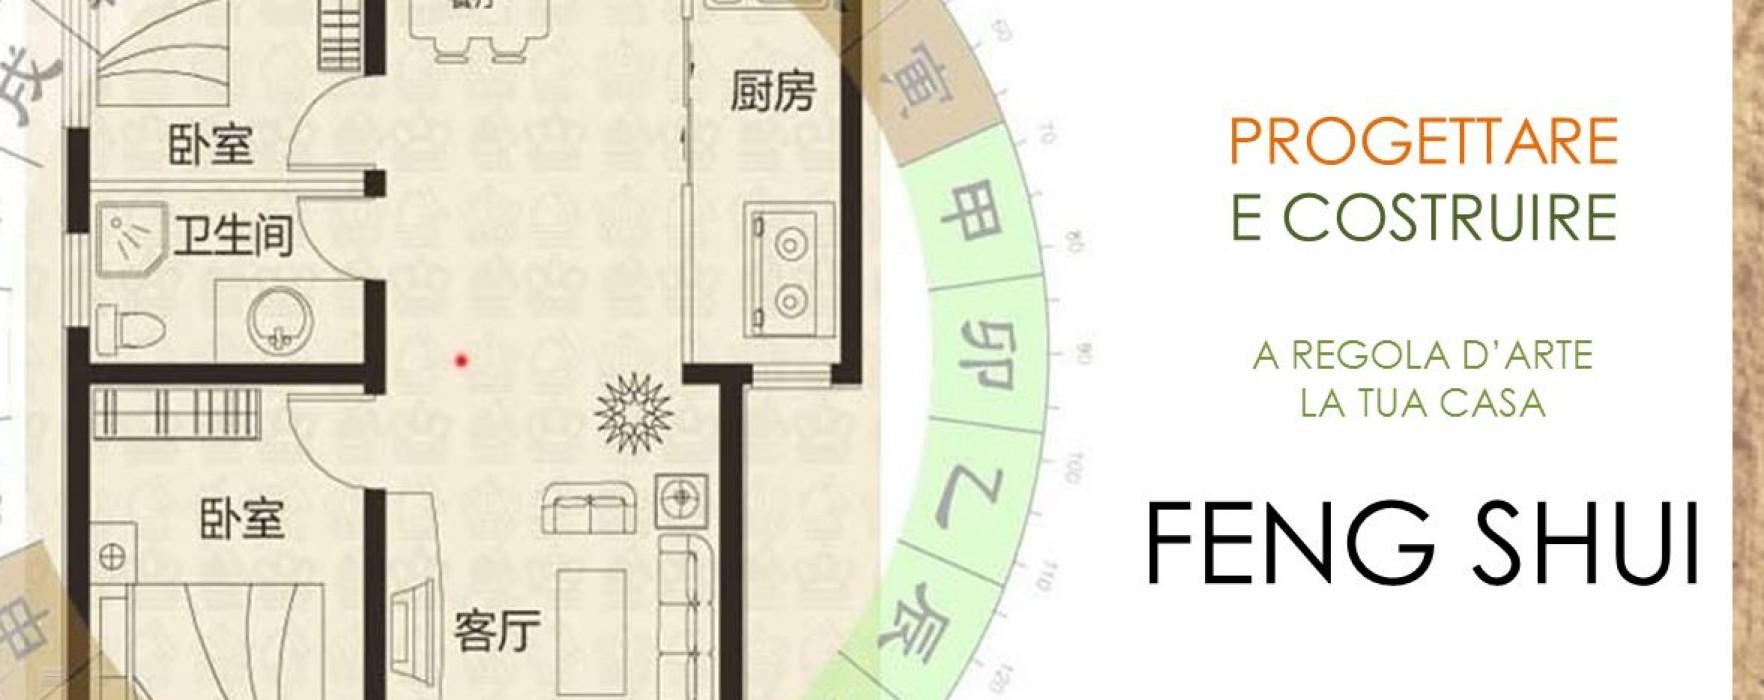 Corso arredatore d interni catania riparazioni appartamento for Corso arredatore interni